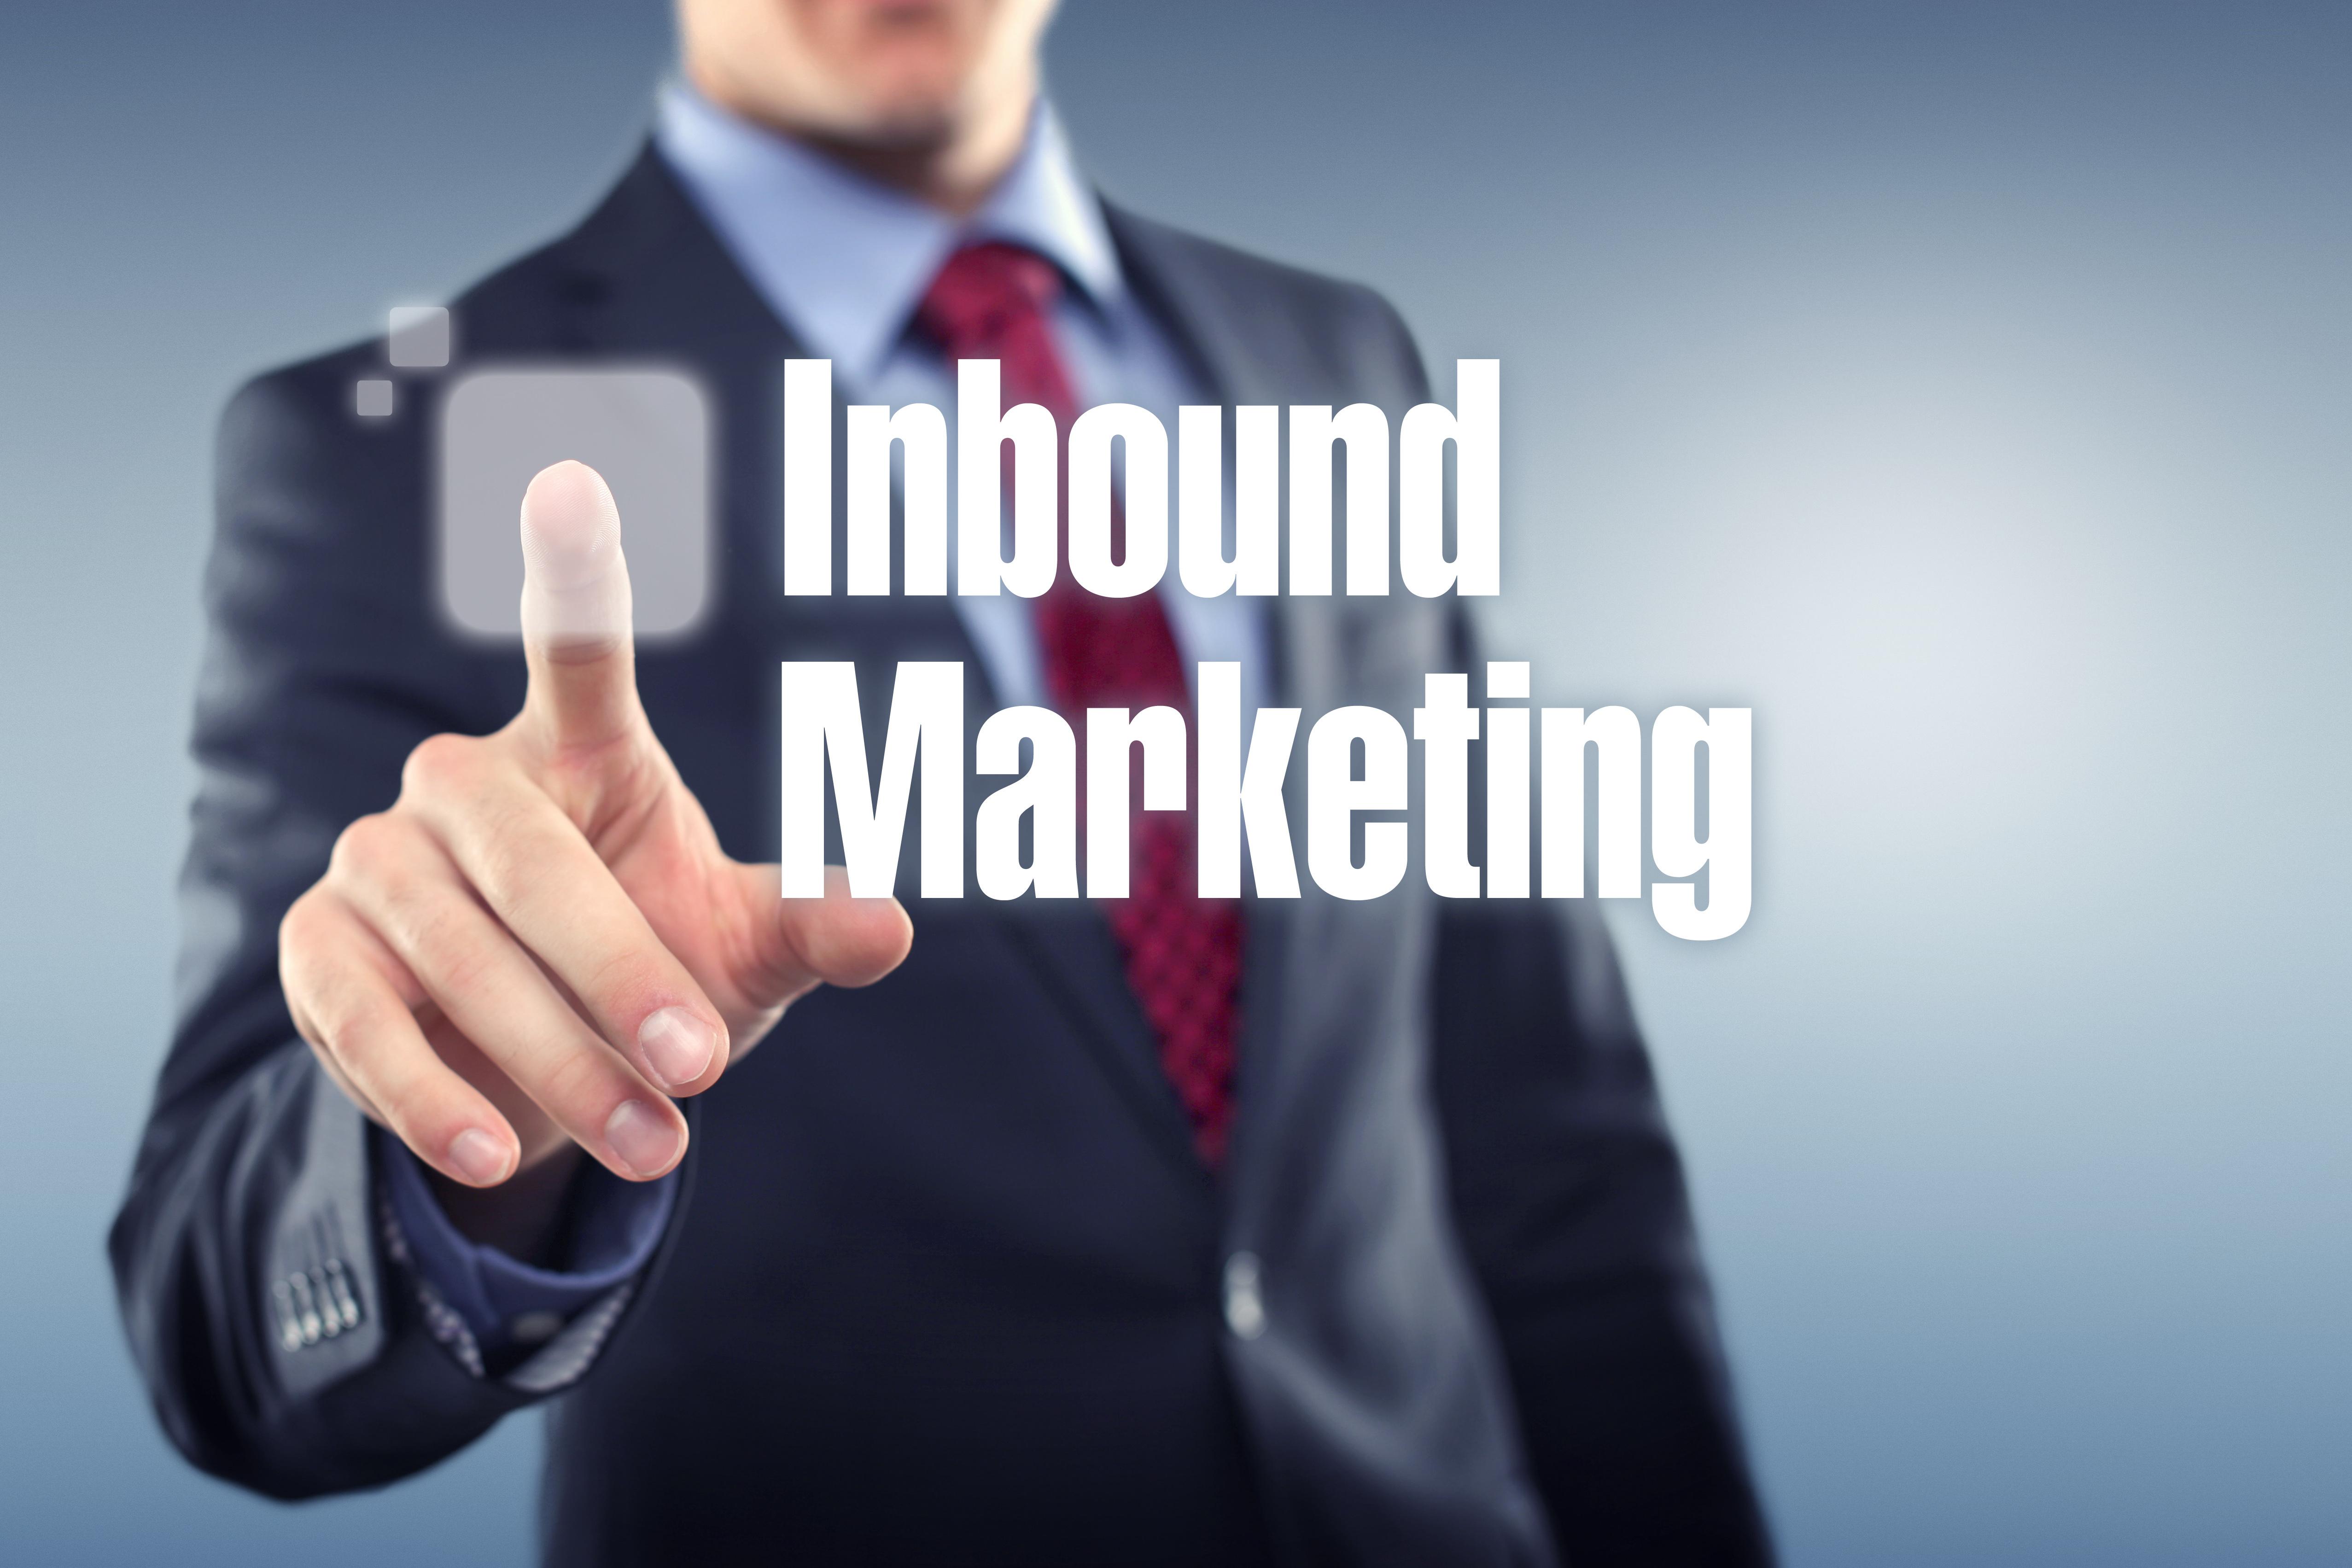 Inbound Marketing ve Önemi Hakkında